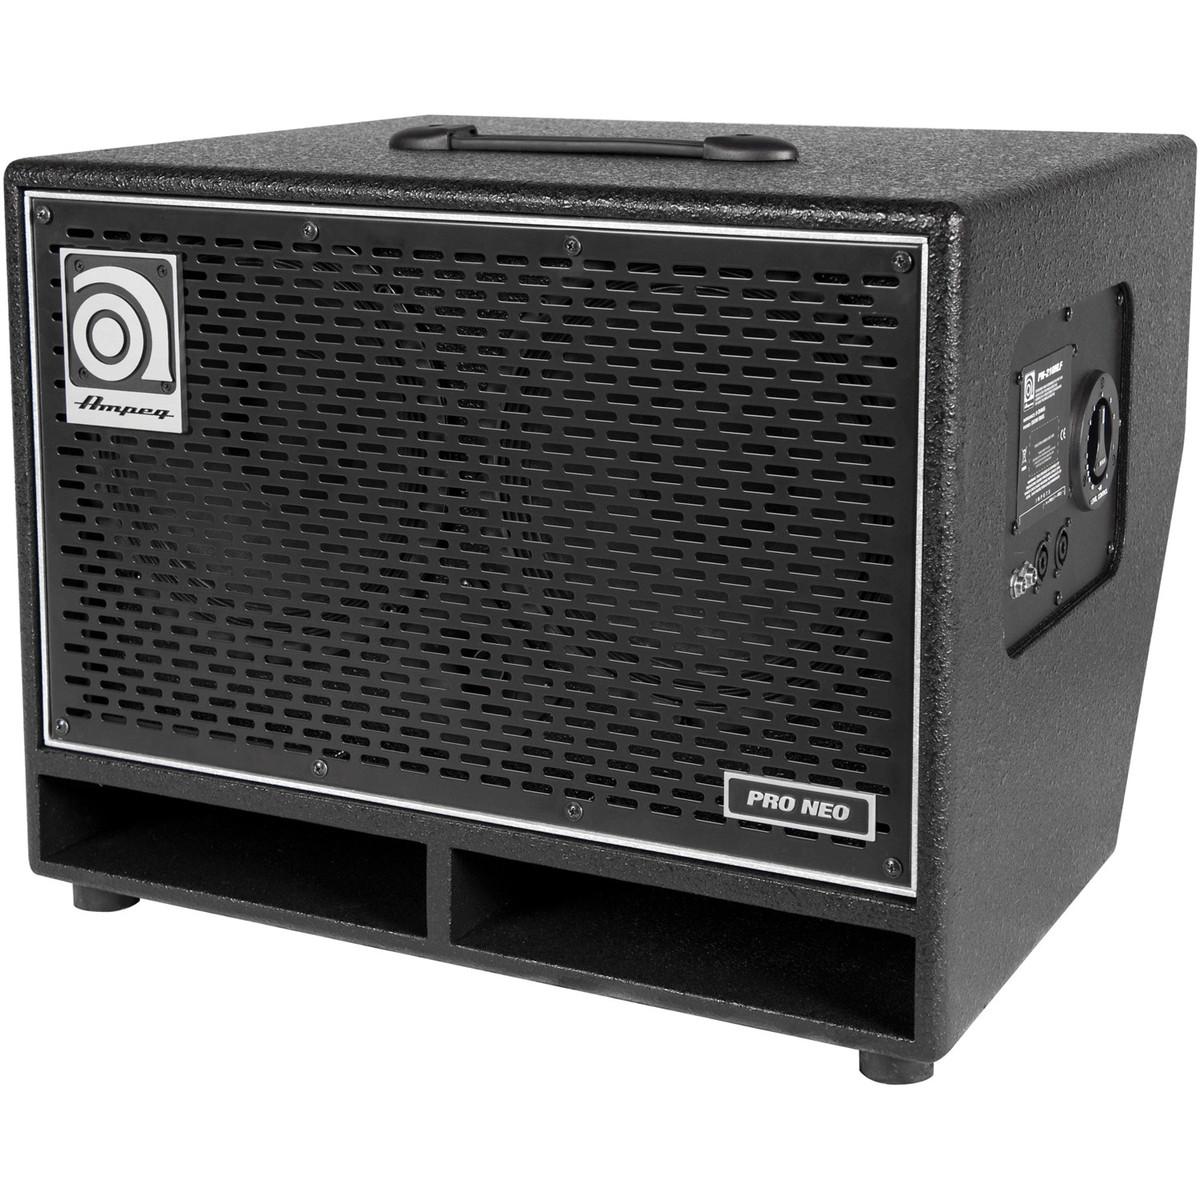 ampeg pn 210hlf 2 x 10 39 39 speaker cabinet at gear4music. Black Bedroom Furniture Sets. Home Design Ideas